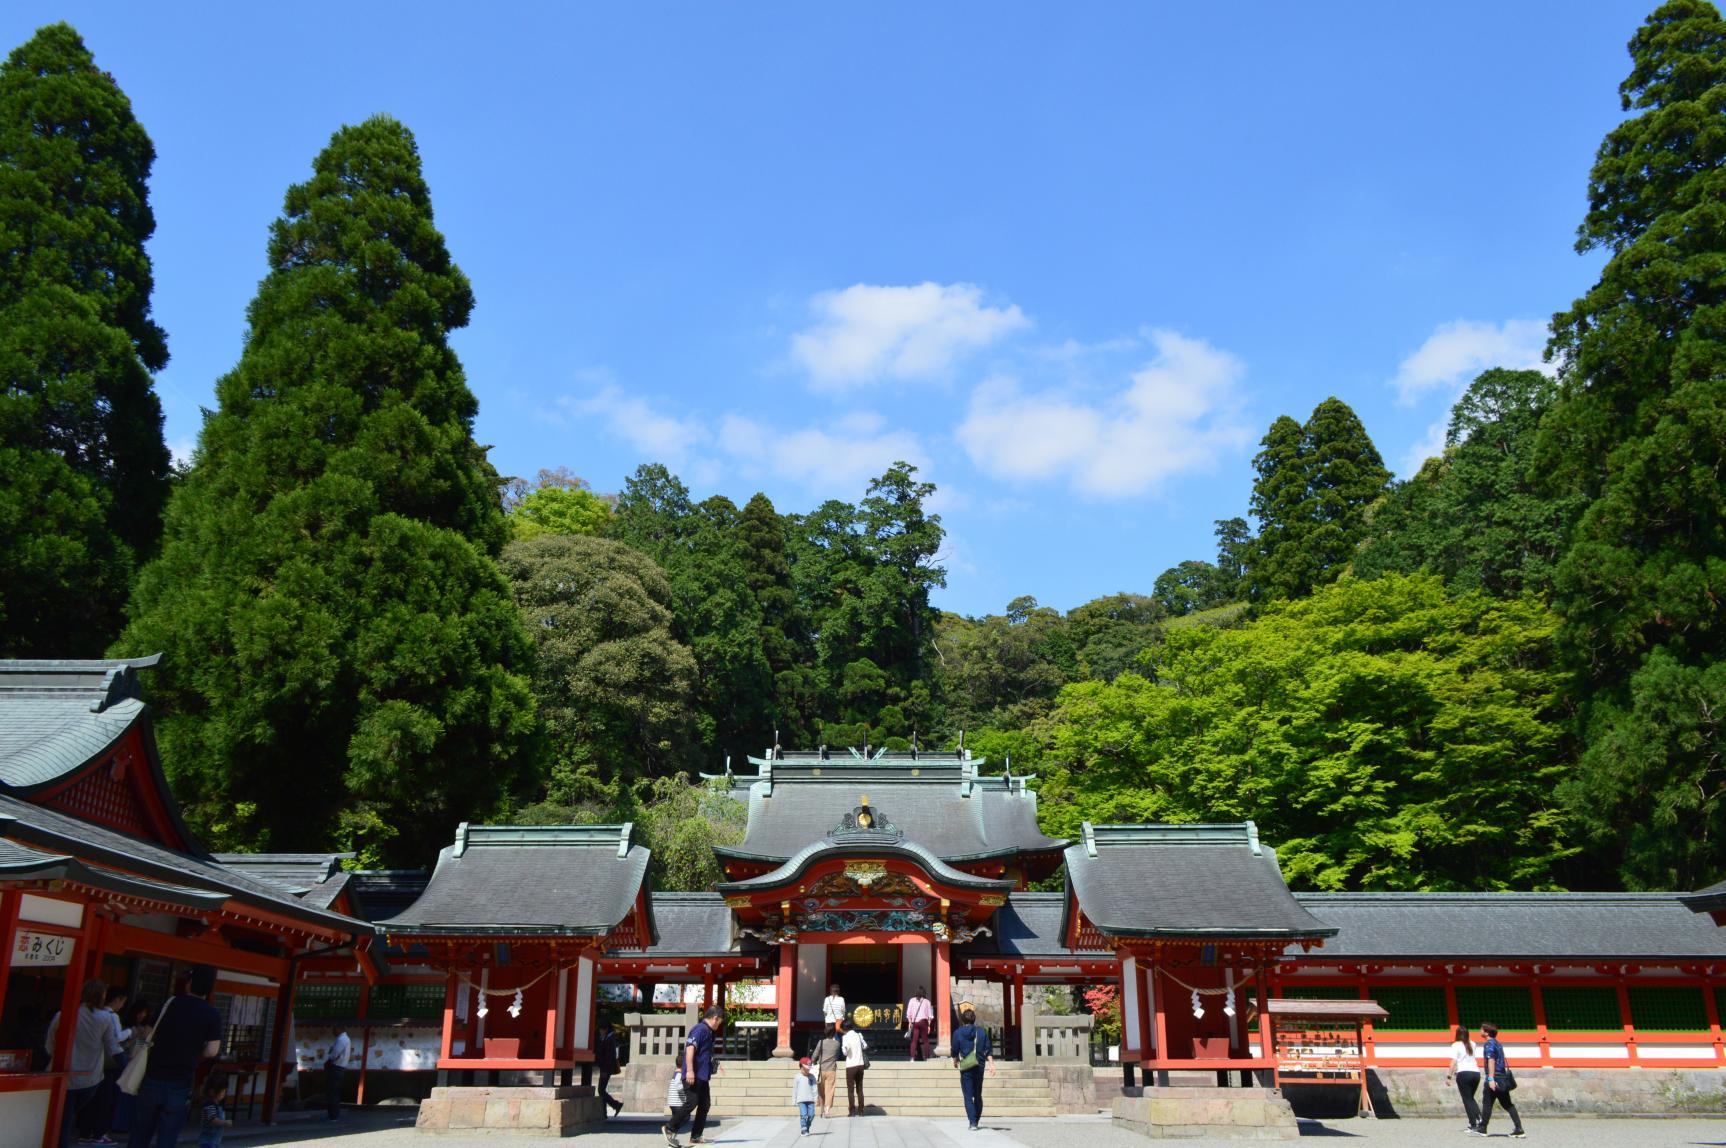 [Kirishima City] Kirishima Jingu Shrine-1